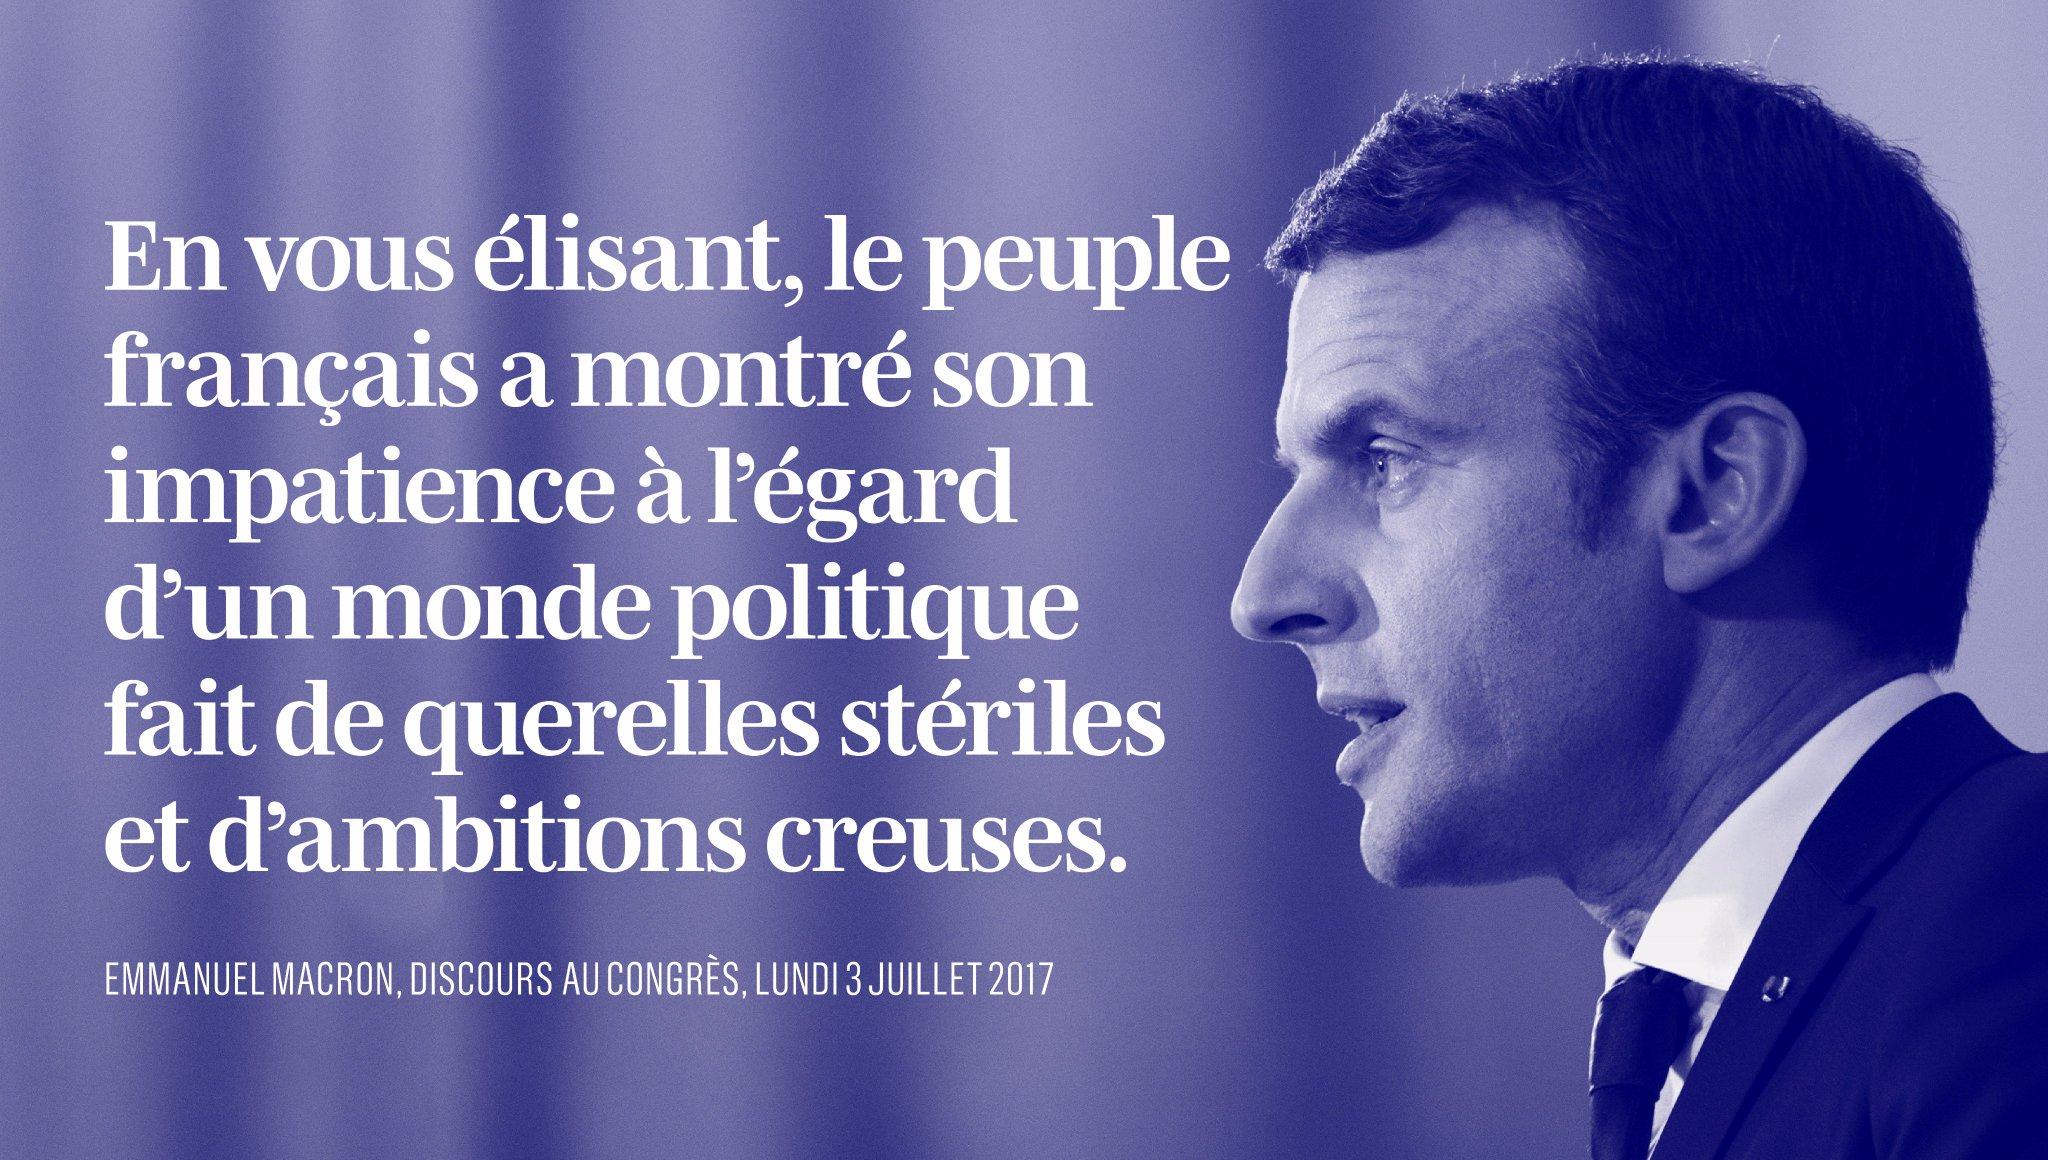 Le peuple français a donné congé à une manière de voir la politique. https://t.co/TipEaPQPMo